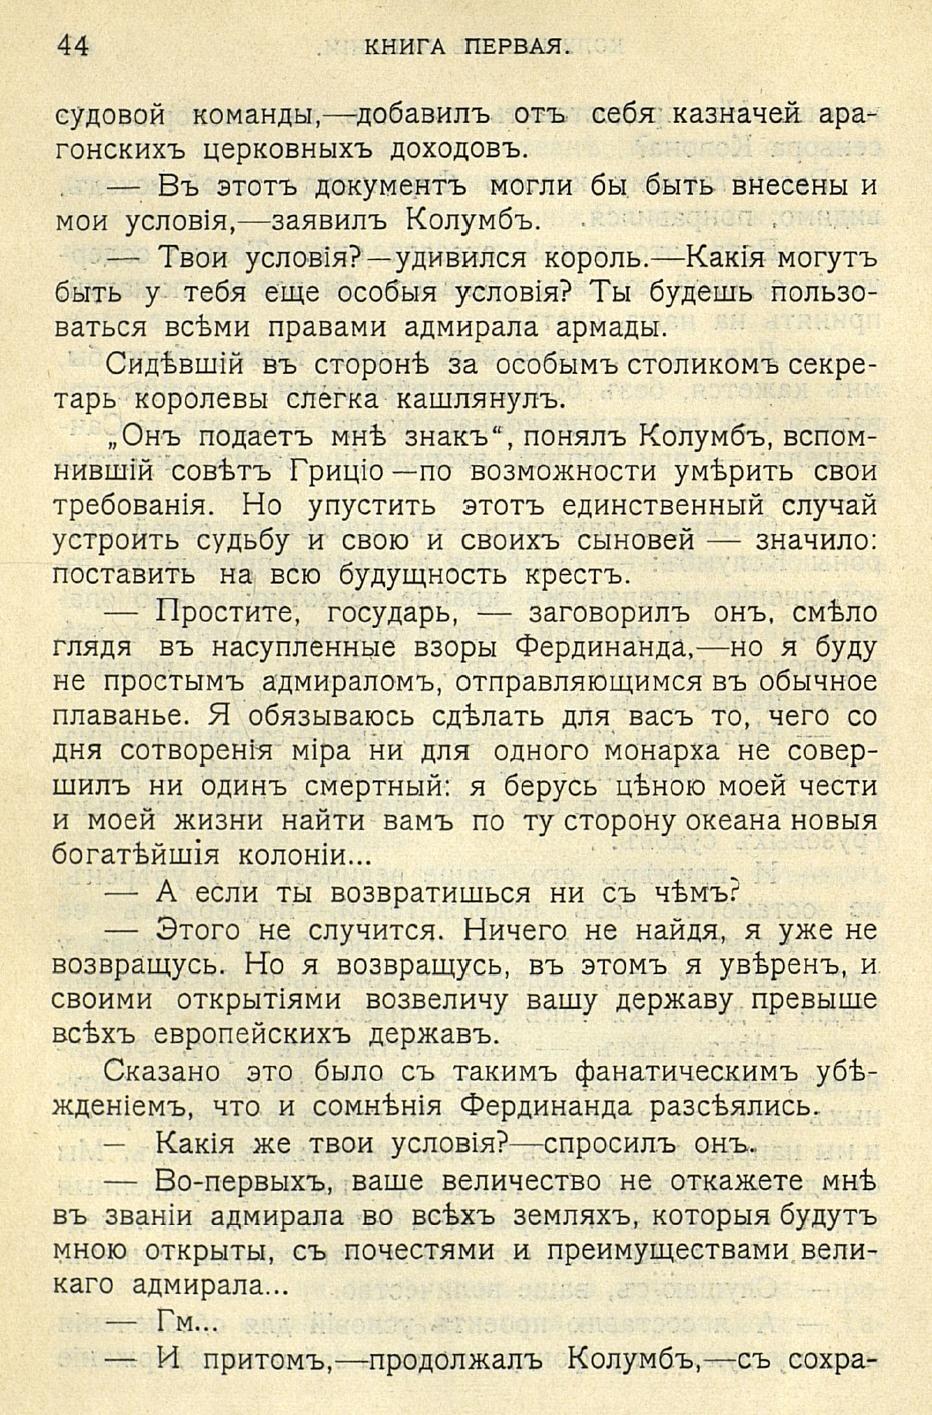 http://images.vfl.ru/ii/1407263957/b35190db/5908198.jpg